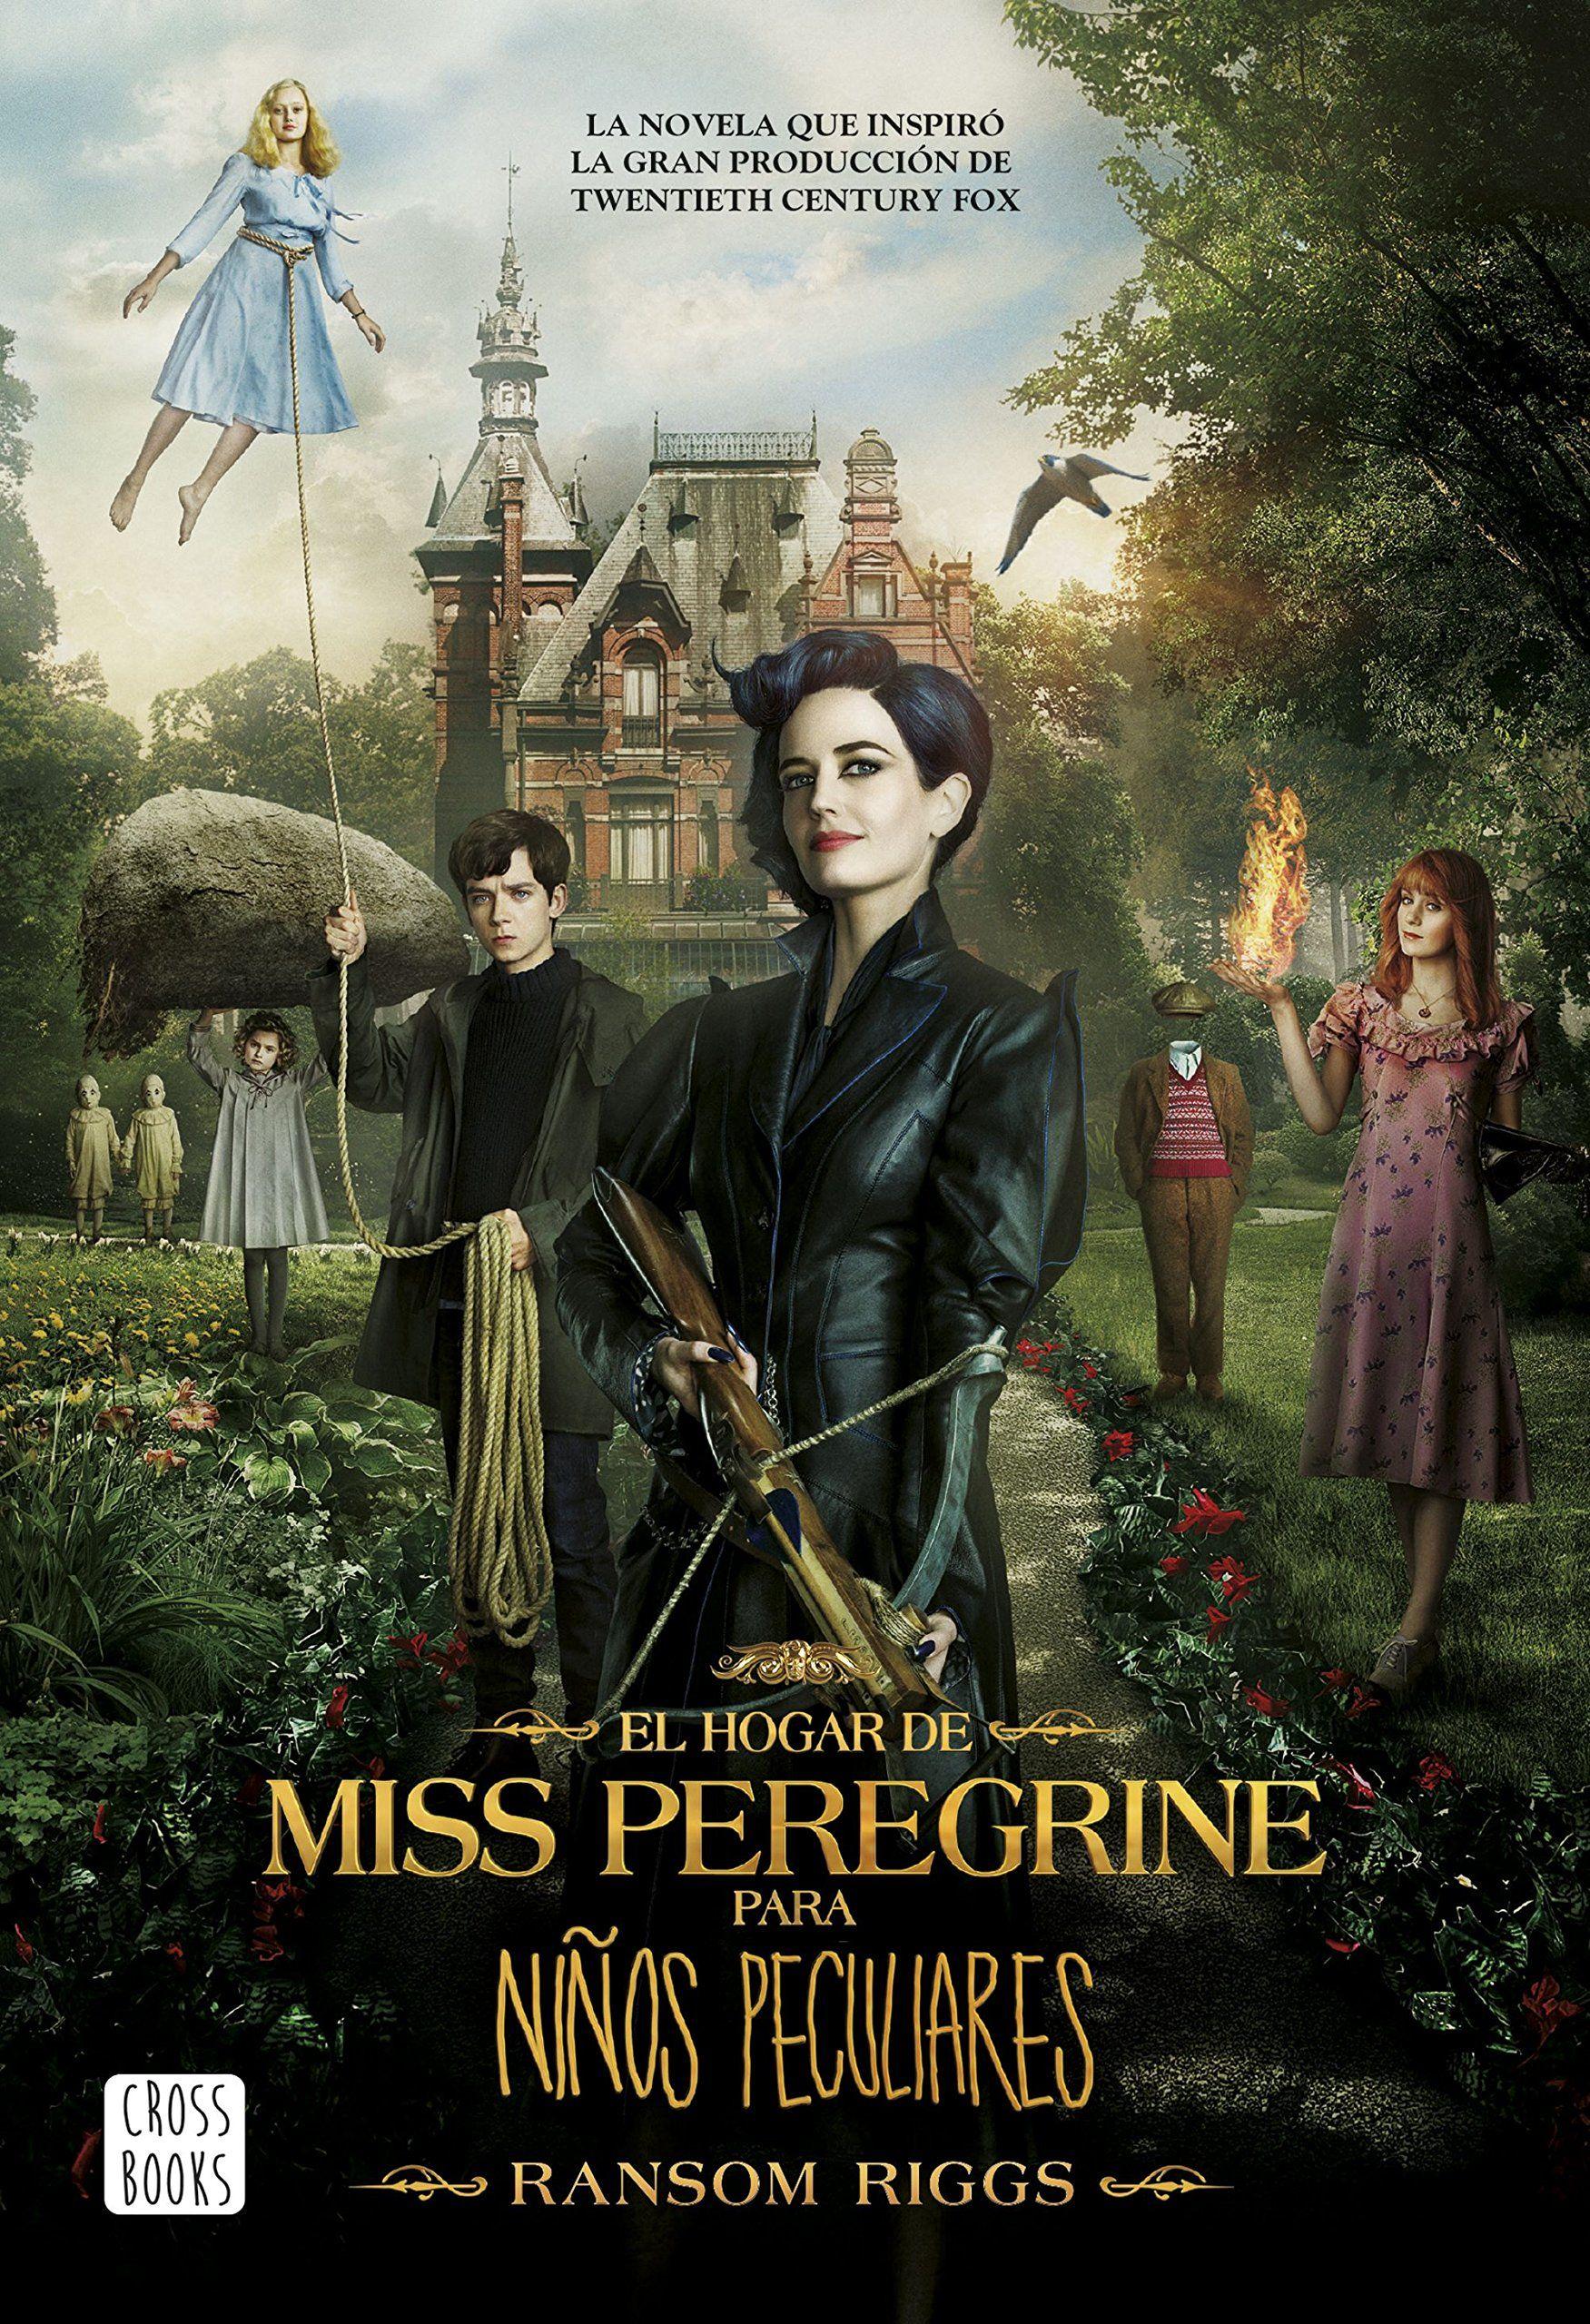 Ransom Riggs Miss Peregrine Ninos Peculiares Peliculas Fantasia